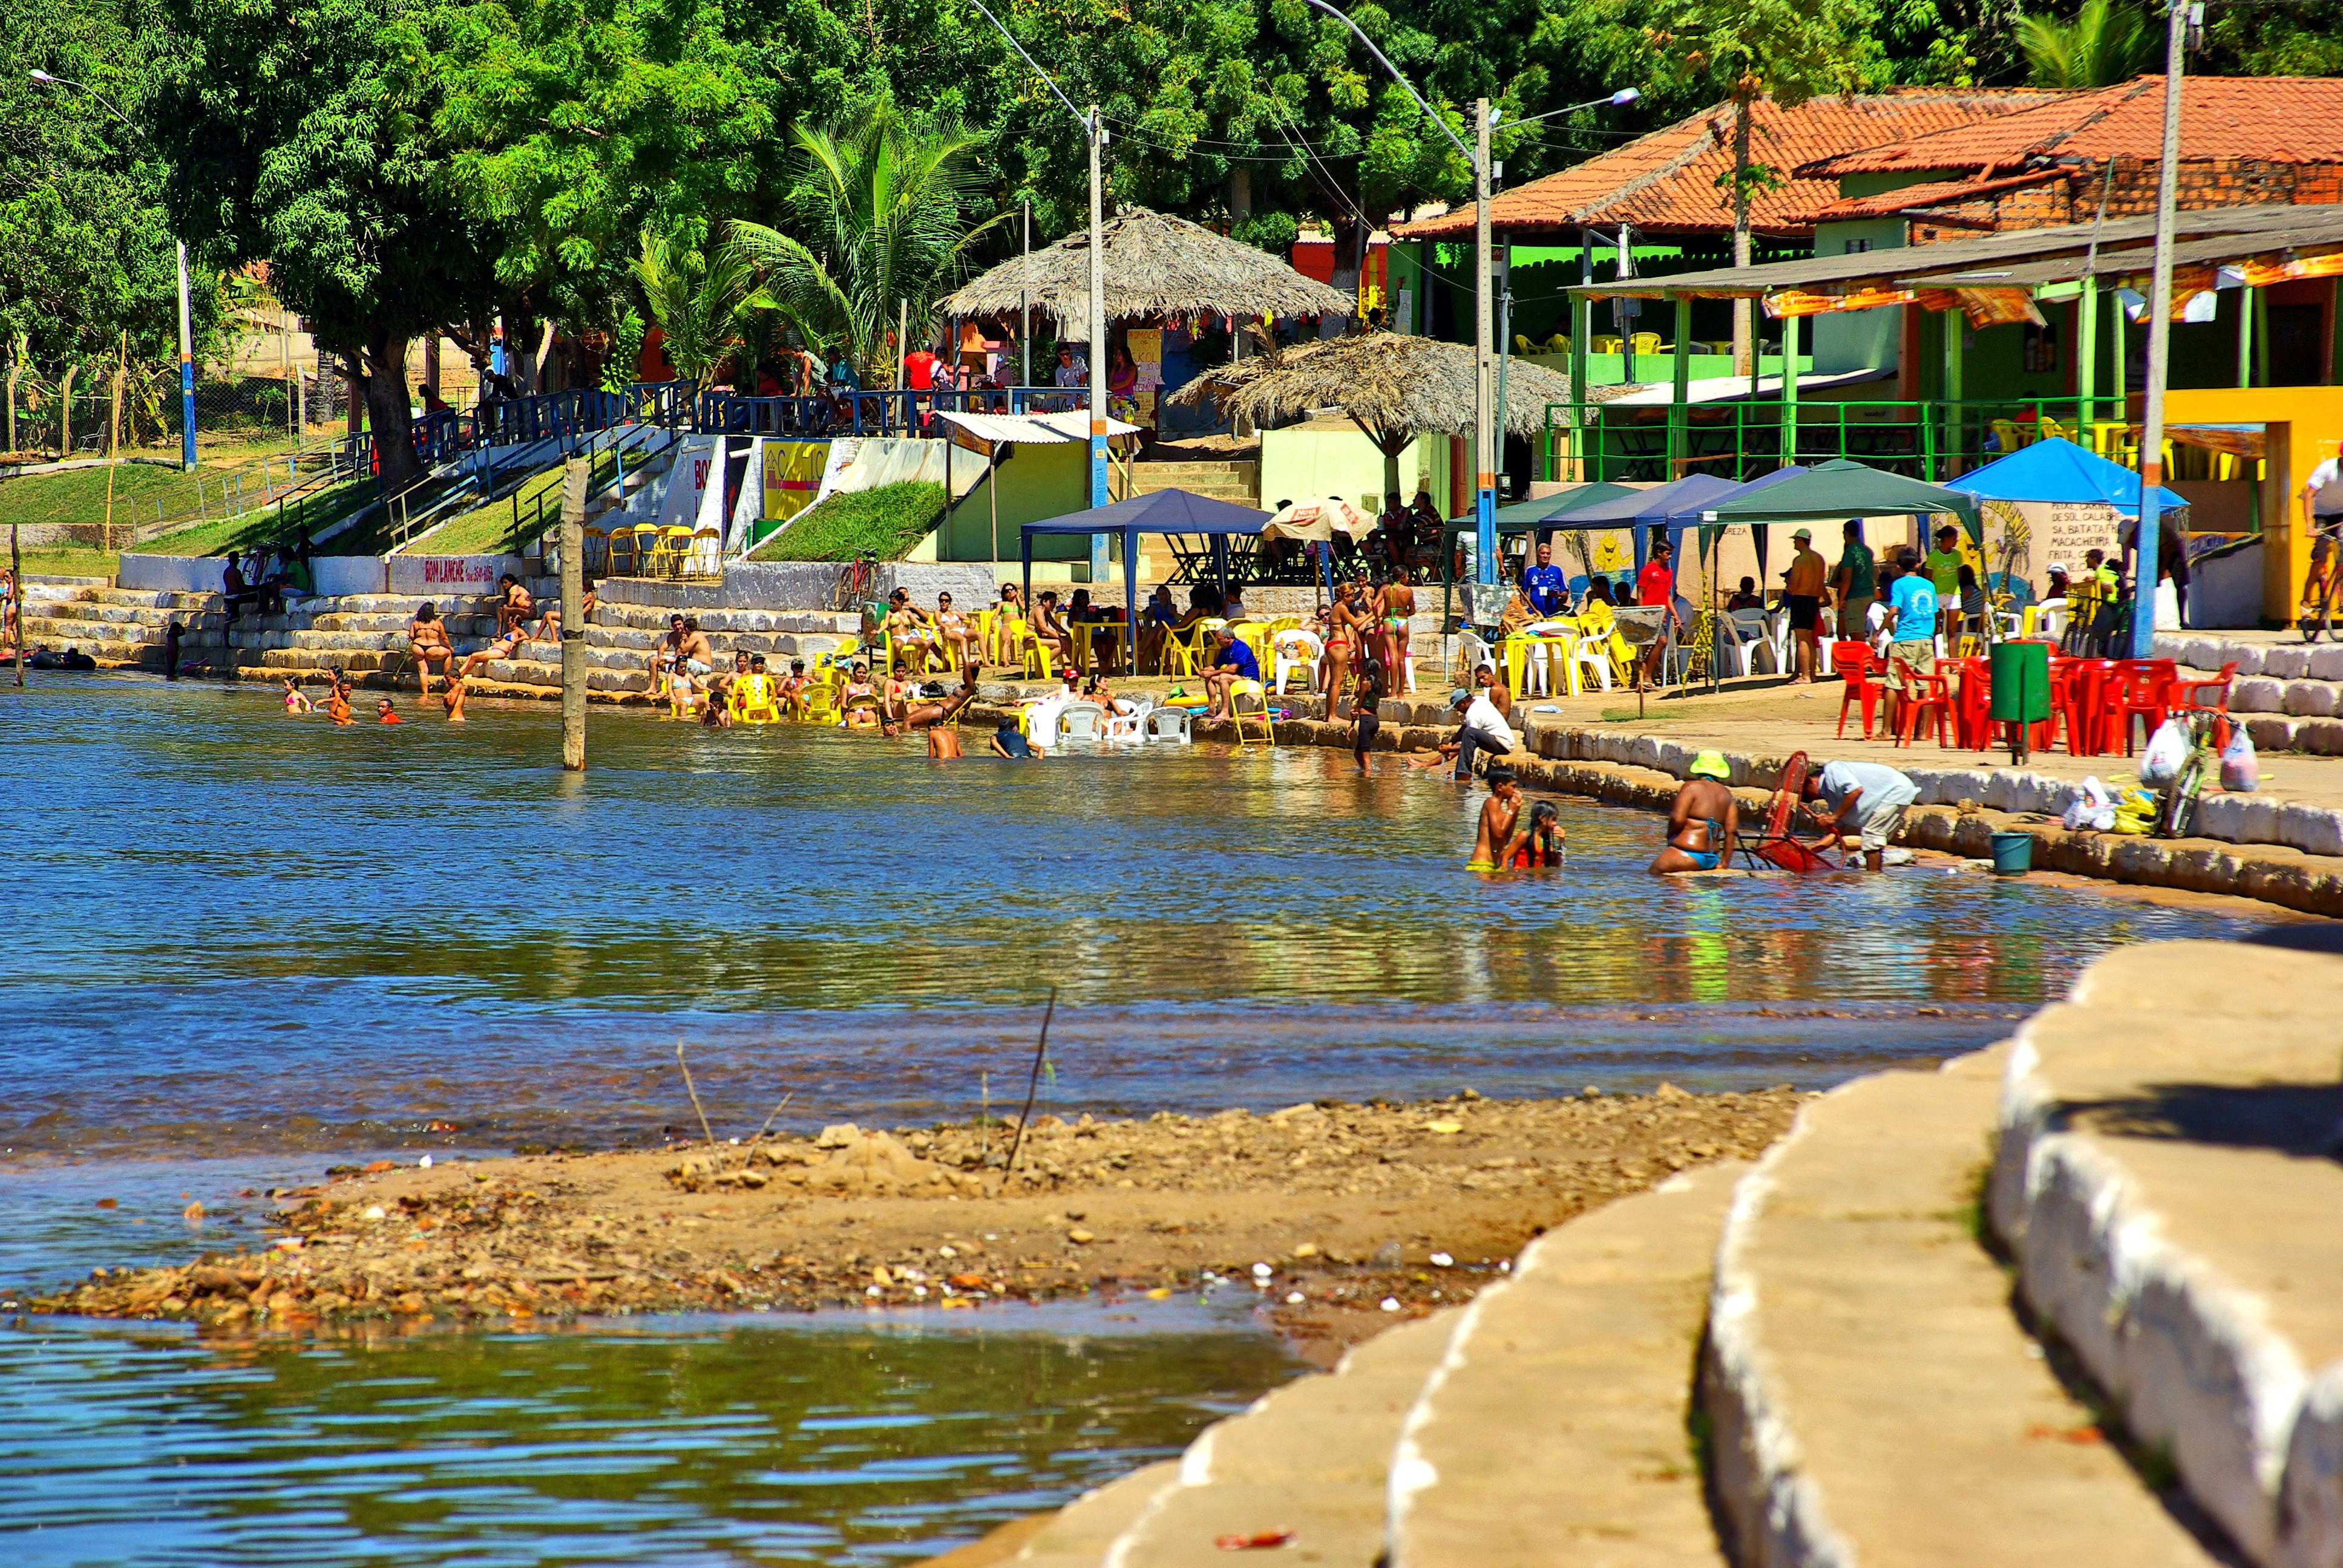 Balsas Maranhão fonte: upload.wikimedia.org